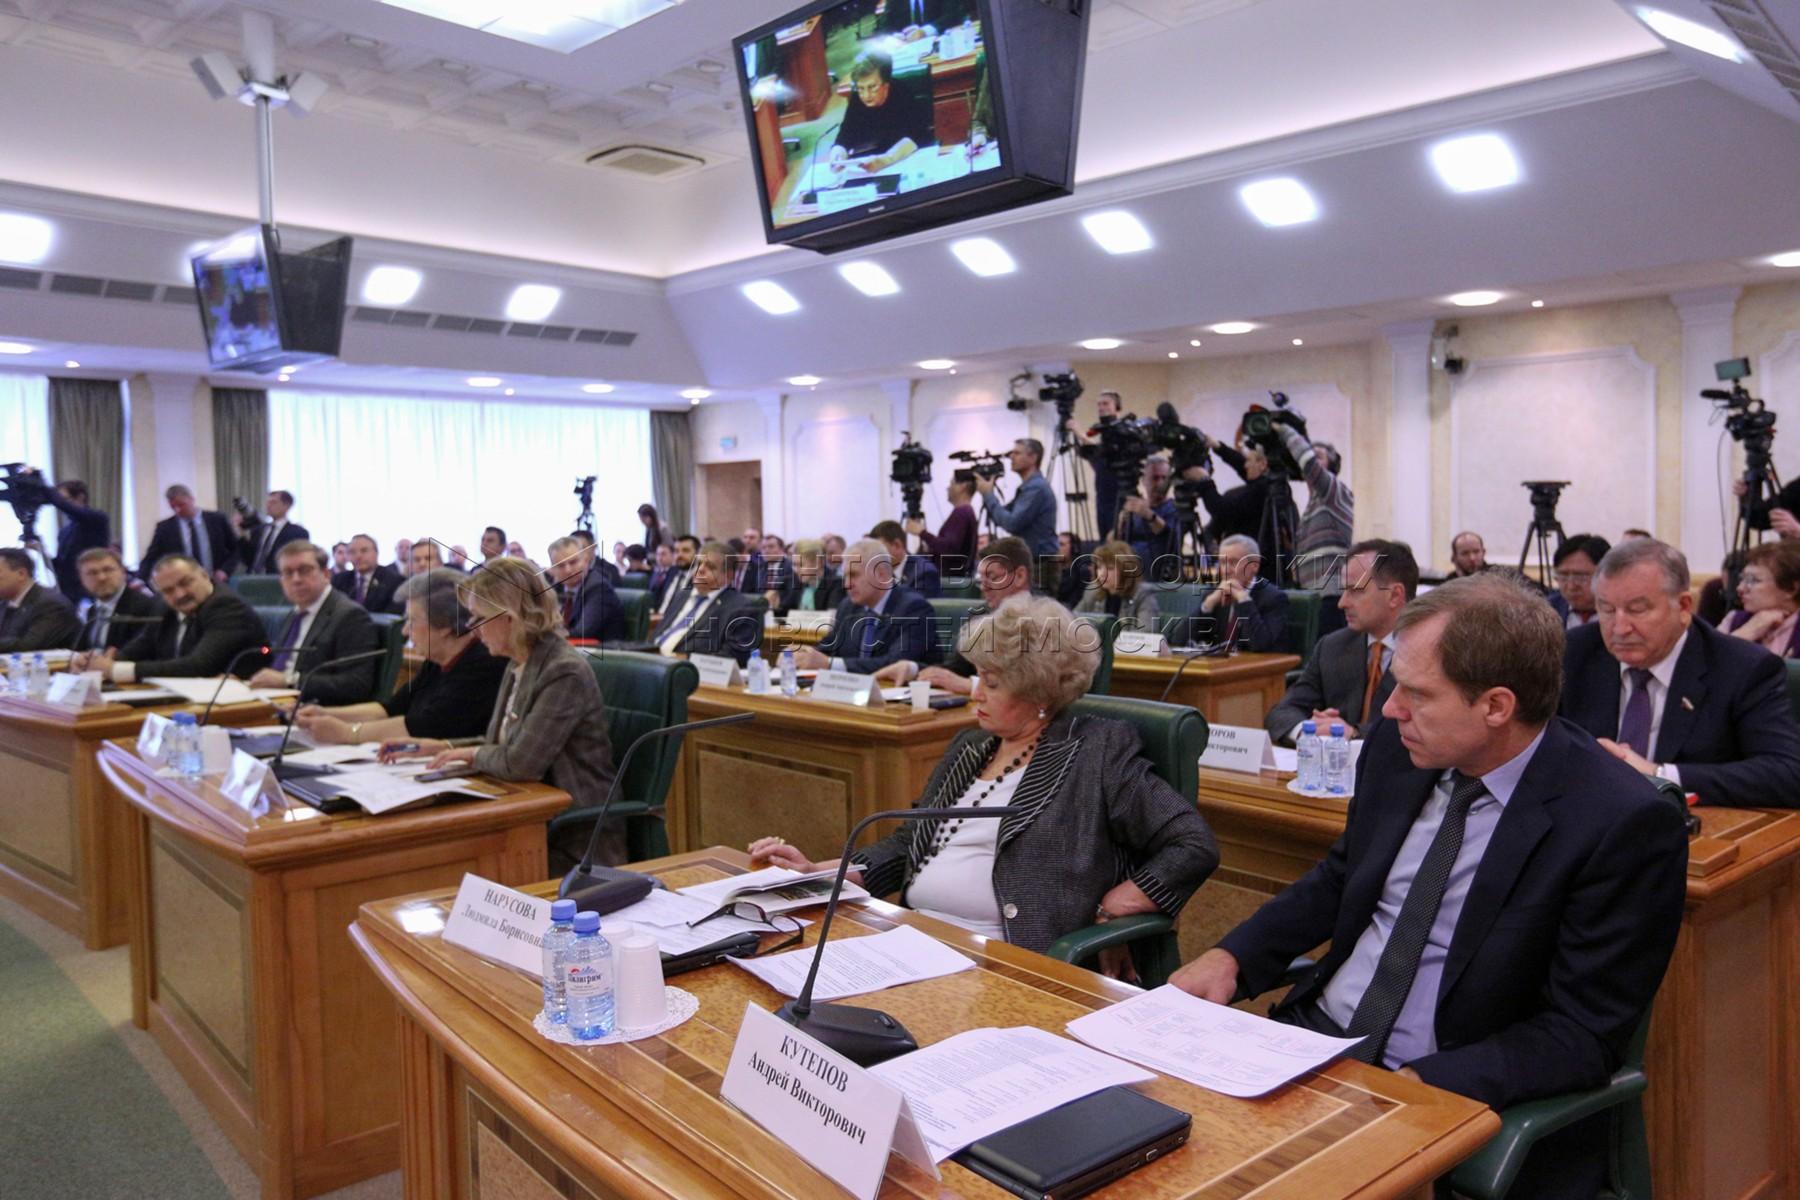 Расширенное совещание в Совете Федерации по обсуждению проекта закона о поправке к Конституции РФ «О совершенствовании регулирования отдельных вопросов организации публичной власти».